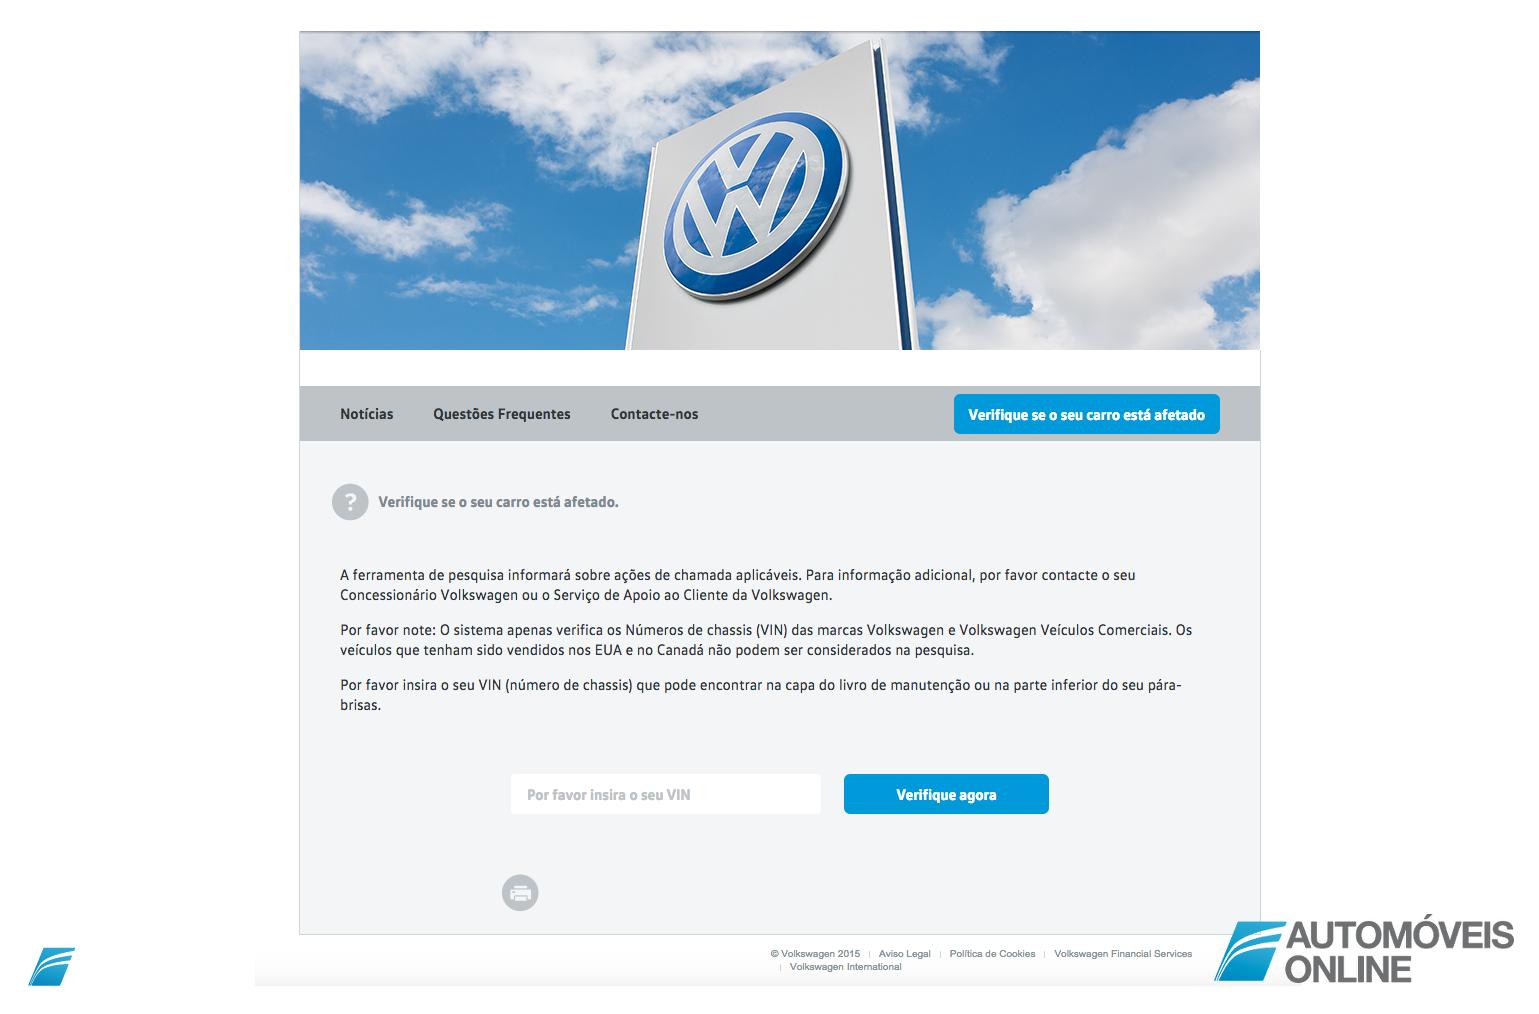 Tudo que tem de saber sobre a fraude Volkswagen. O seu carro está afetado